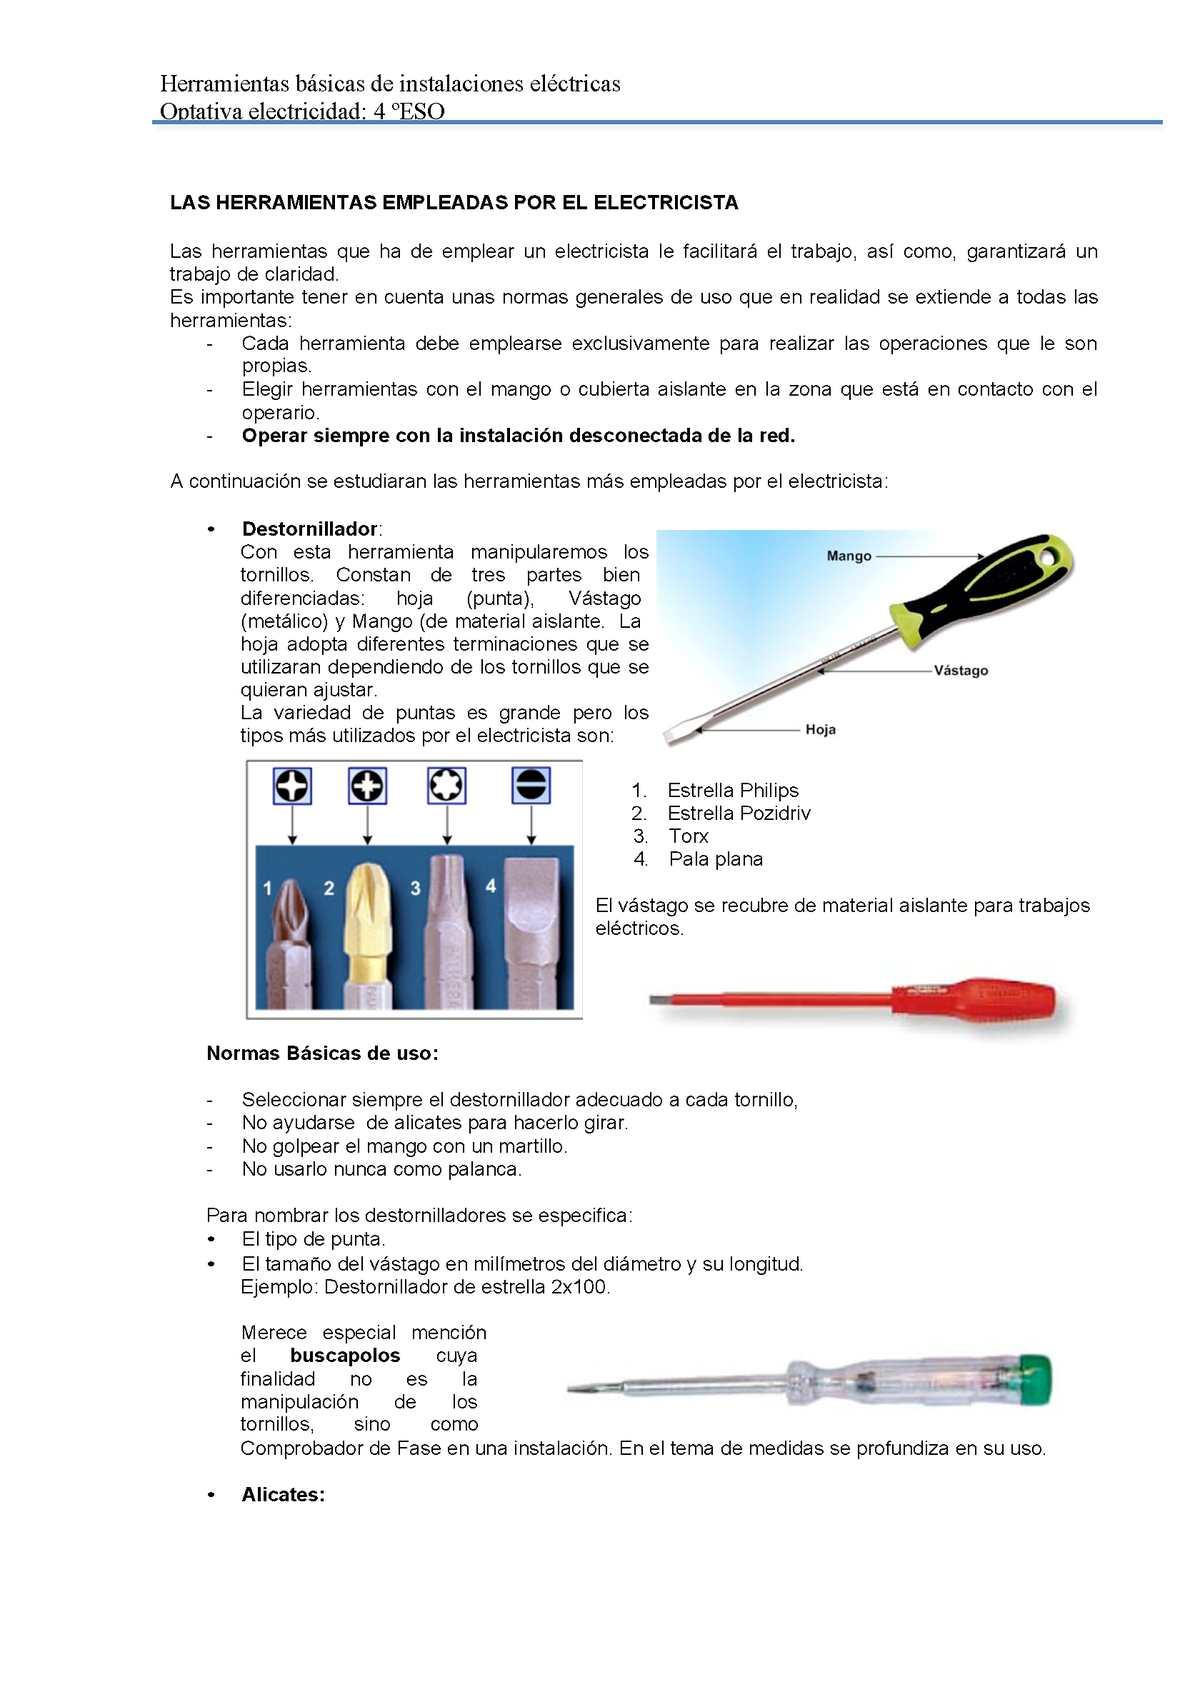 Calaméo - Las Herramientas Empleadas Por El Electricista